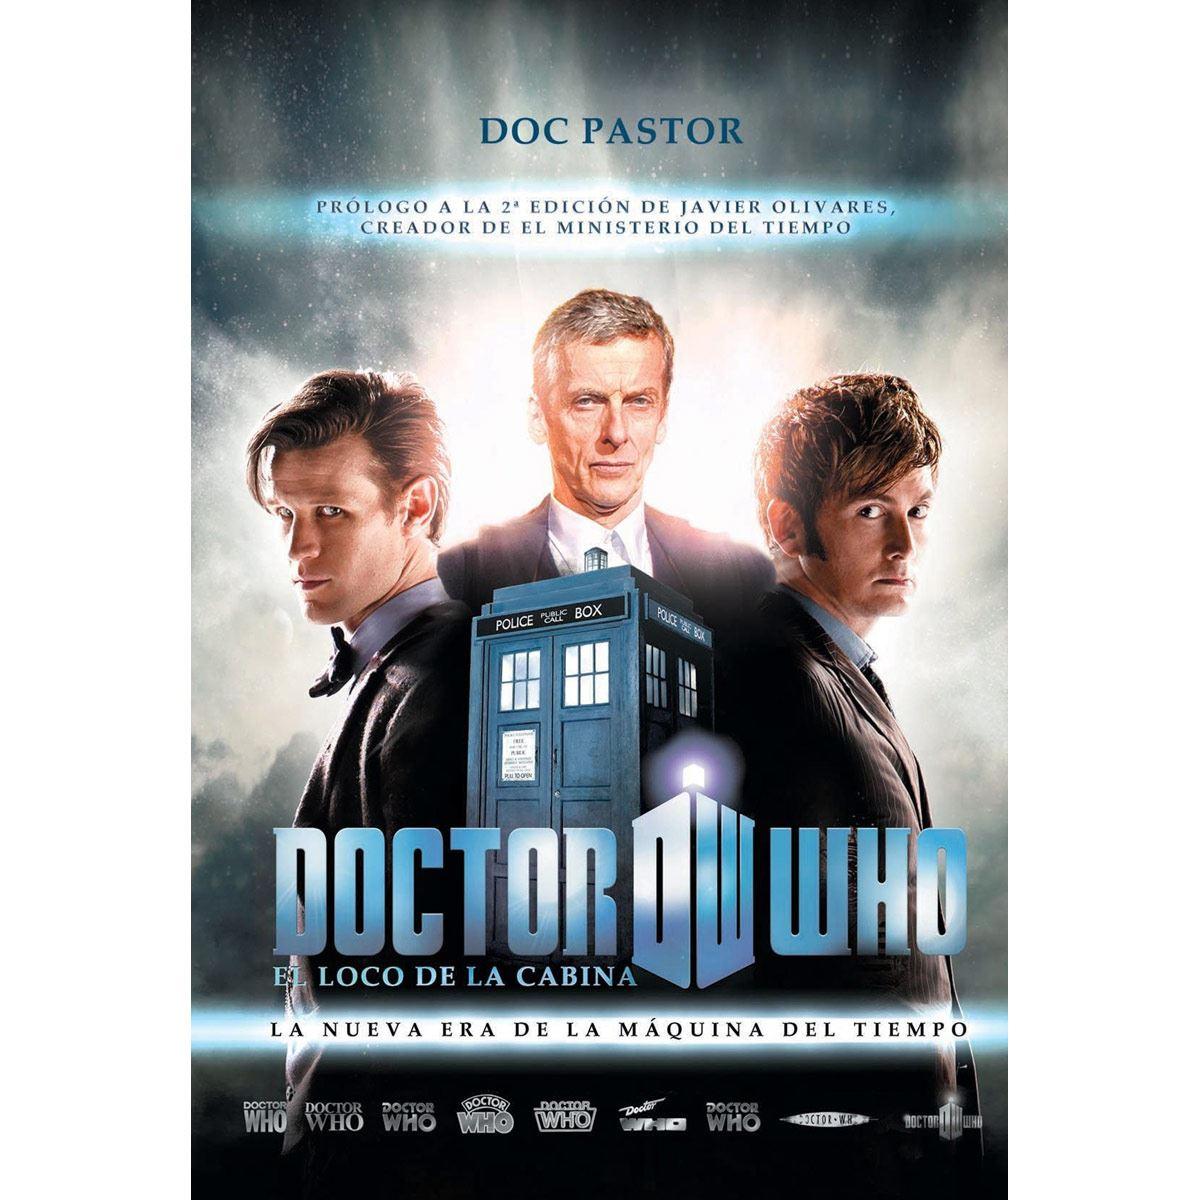 Doctor Who. El loco de la cabina